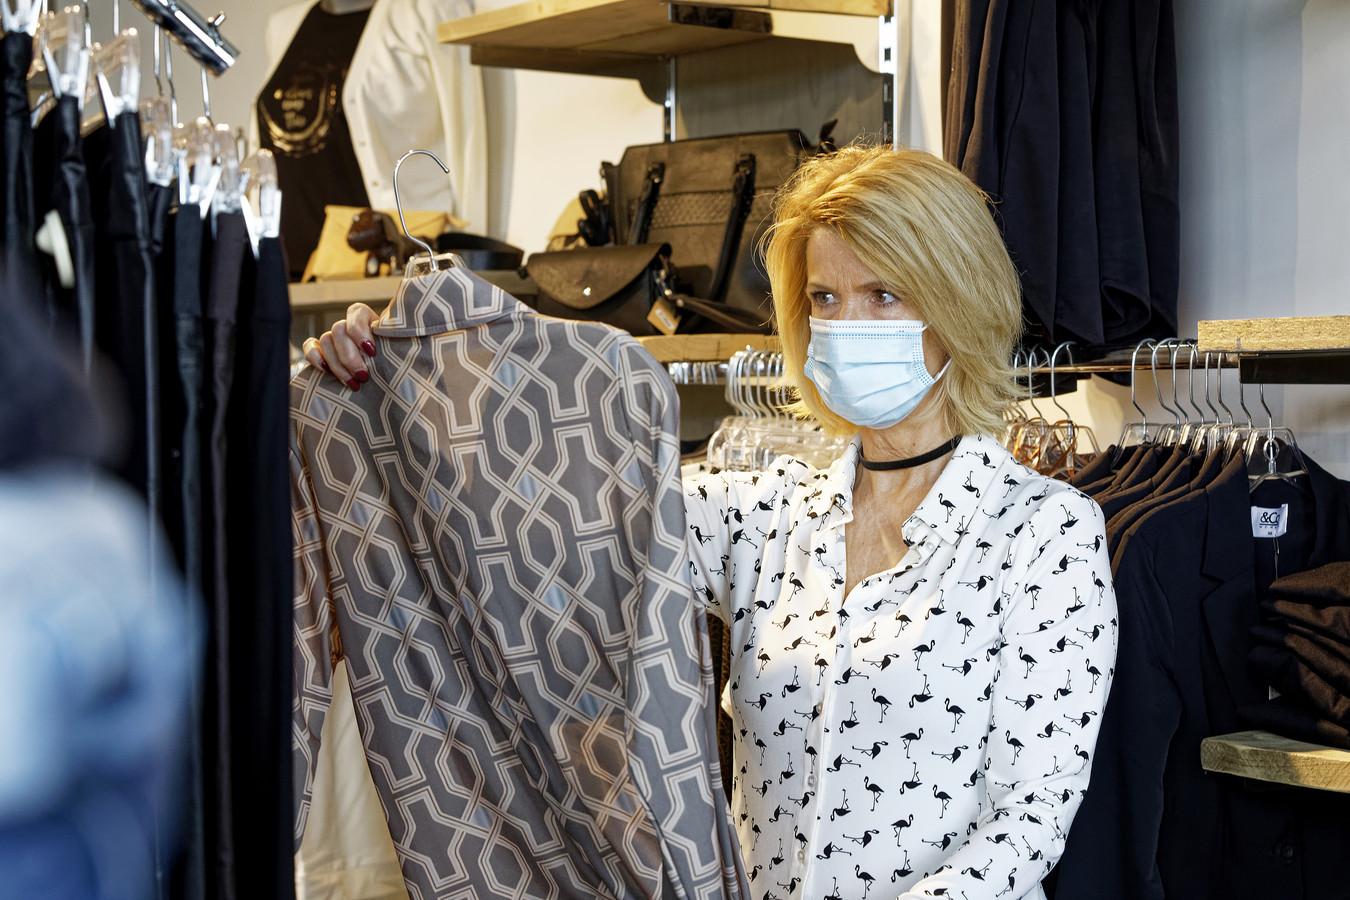 Bea van Thiel is een van de eerste klanten bij kledingzaak No Limit in Sint-Michielsgestel met een tijdslot van een uur. Veel passen, kijken en kopen. Want geld moet rollen, lacht Van Thiel.